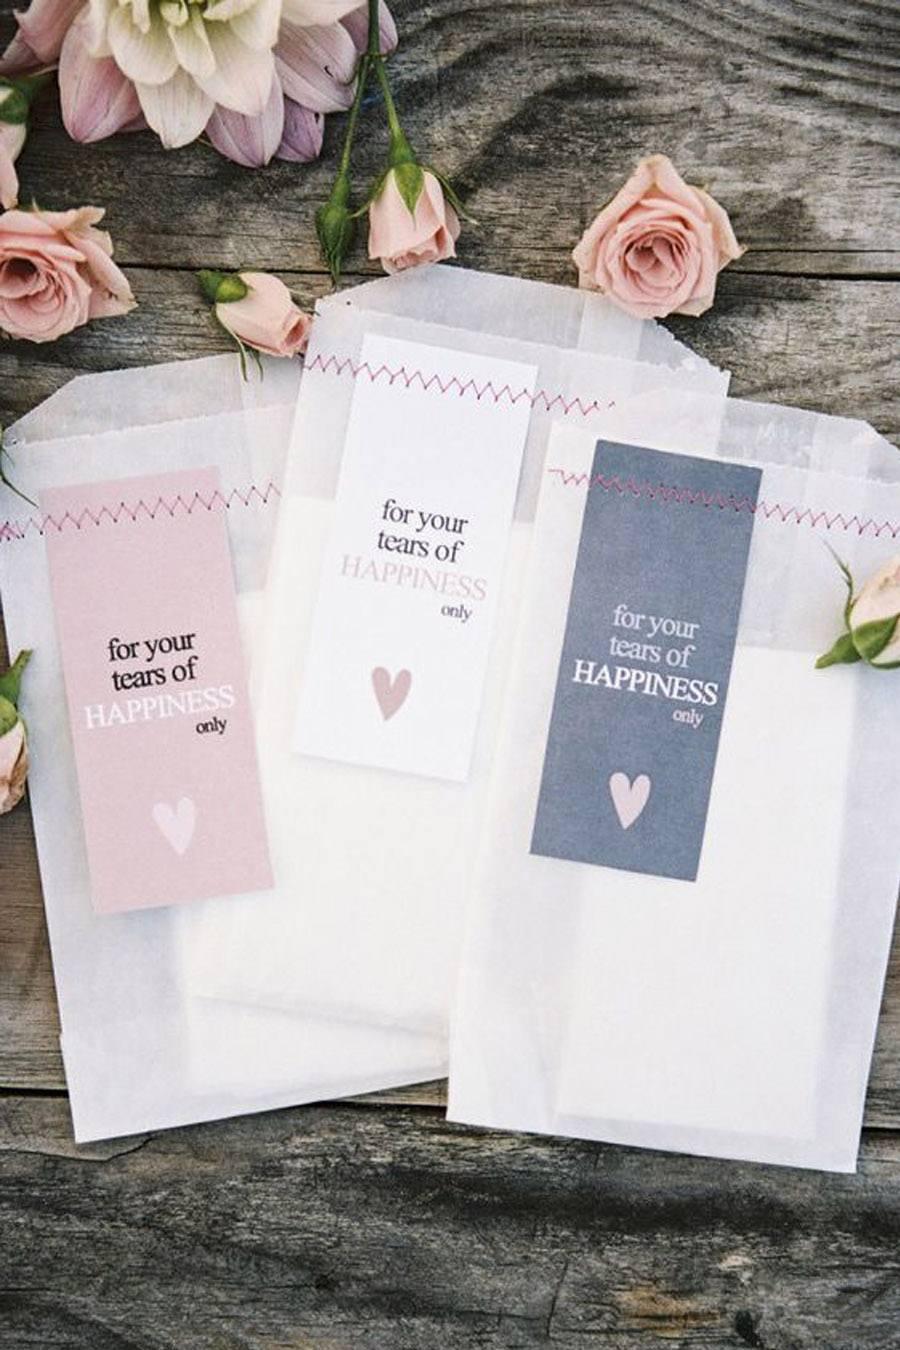 LÁGRIMAS DE FELICIDAD regalo-de-boda